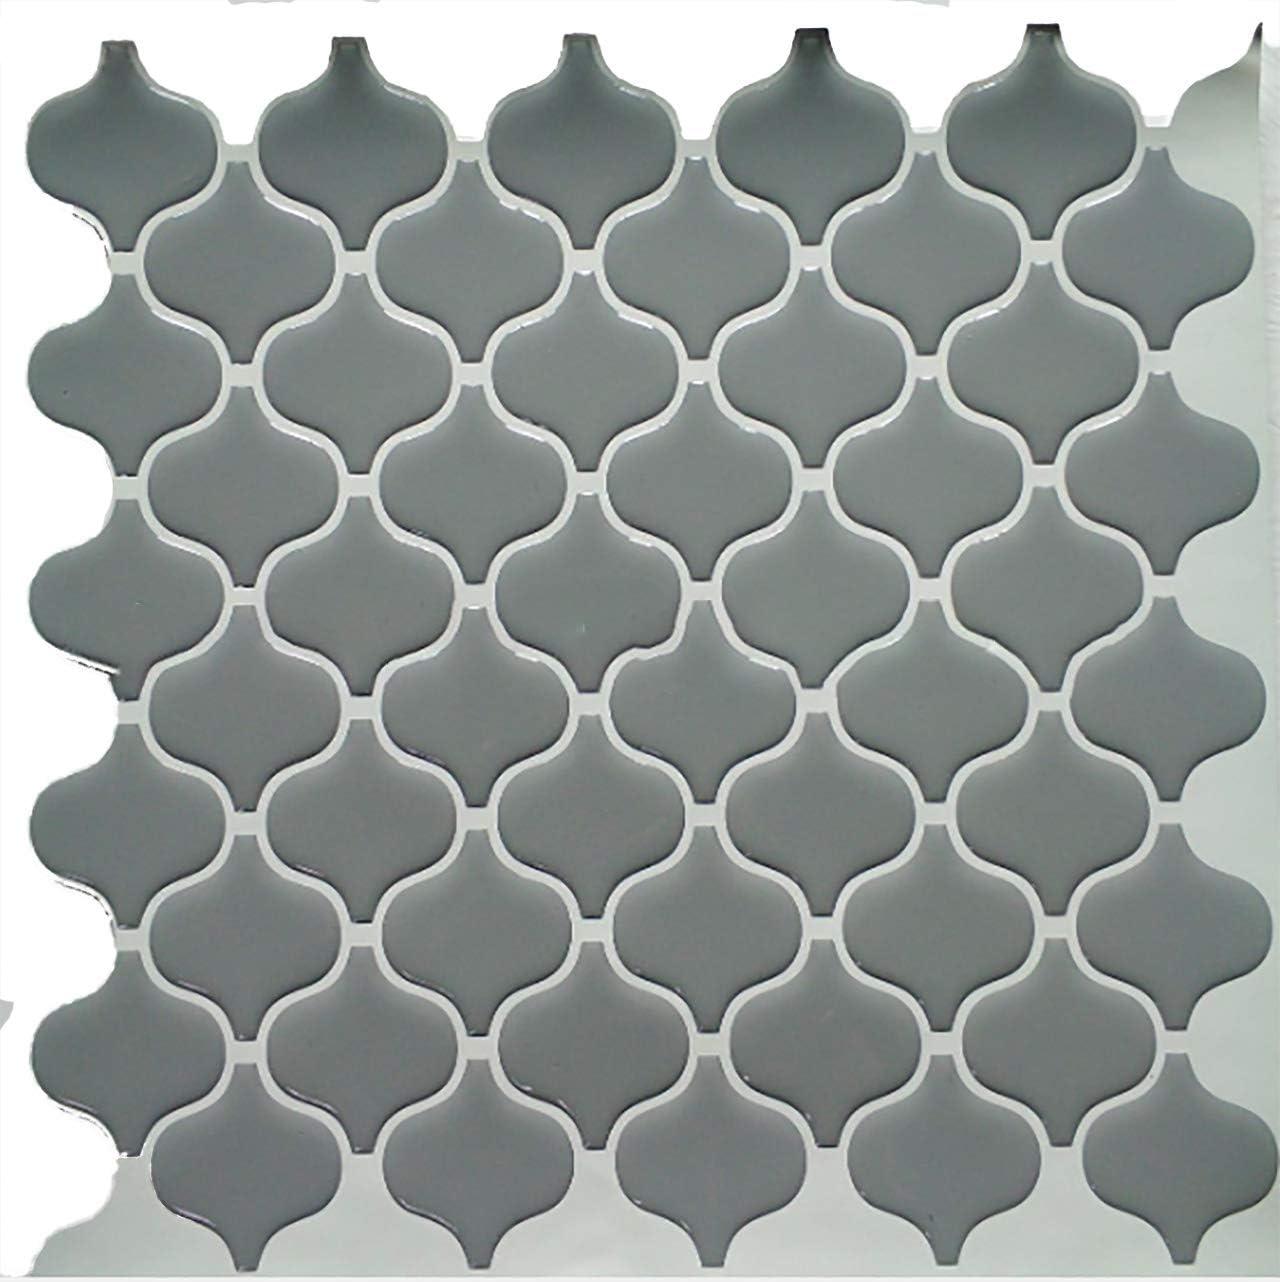 Amazon Gentillesse モロッコタイル シール 輸入 3d モロッコタイル 柄 工業系インテリア アジア グレー Diy リフォーム 26cm 26cm Iphoneケース 壁紙